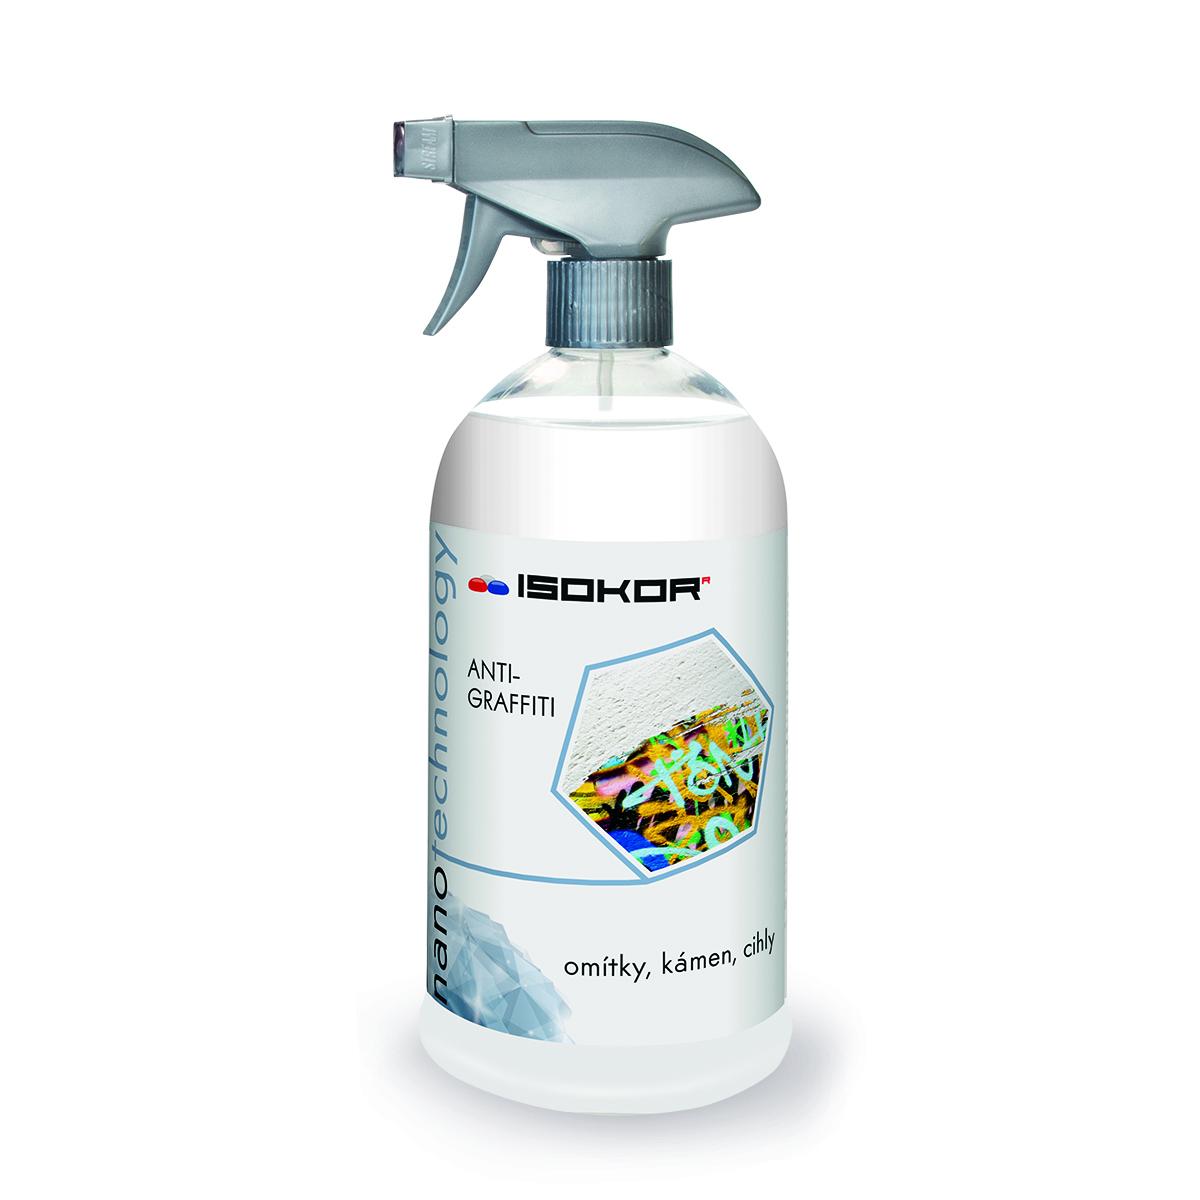 Ochranna proti sprejům - IsoKor® Antigraffiti 950ml